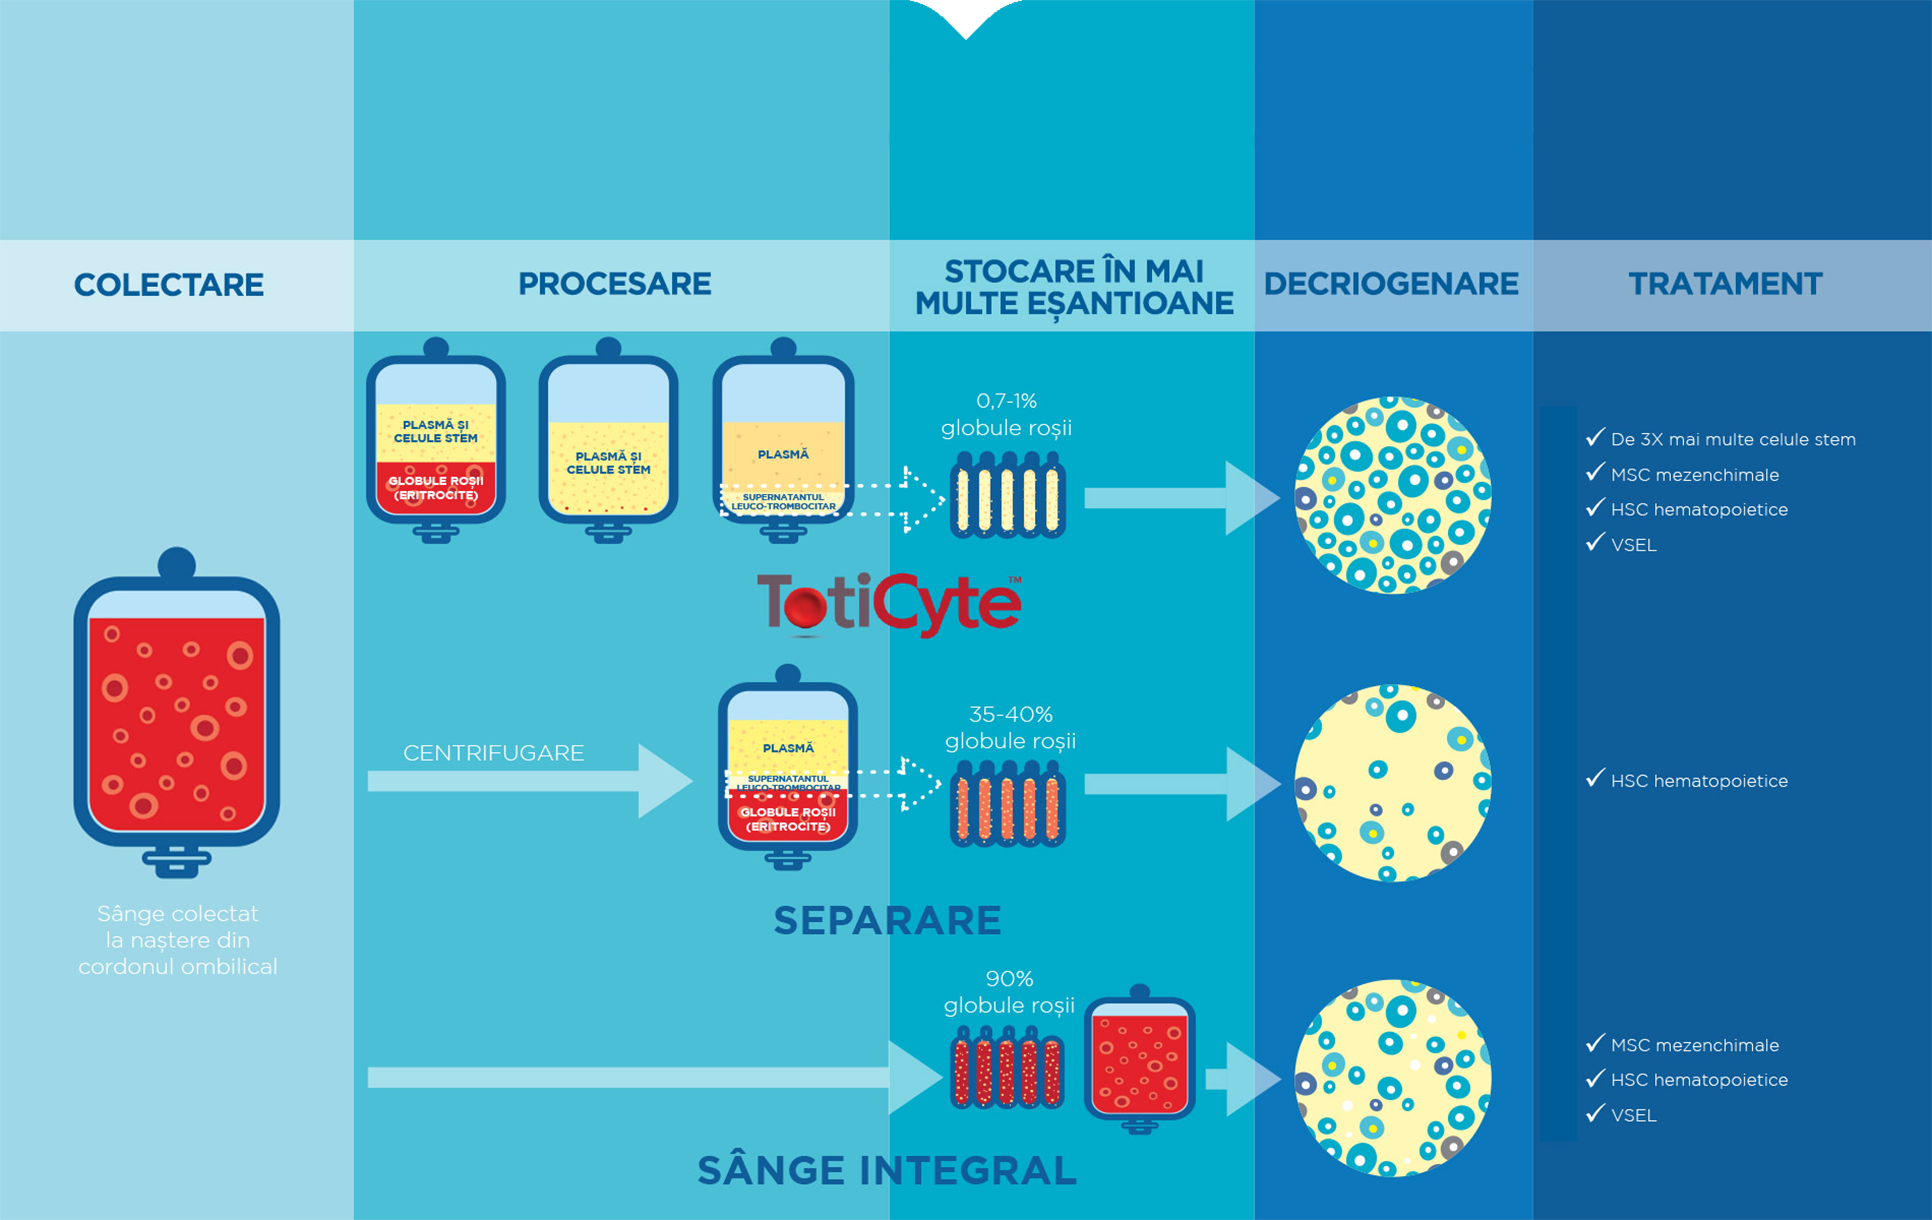 Kit de Recoltare Celule Stem